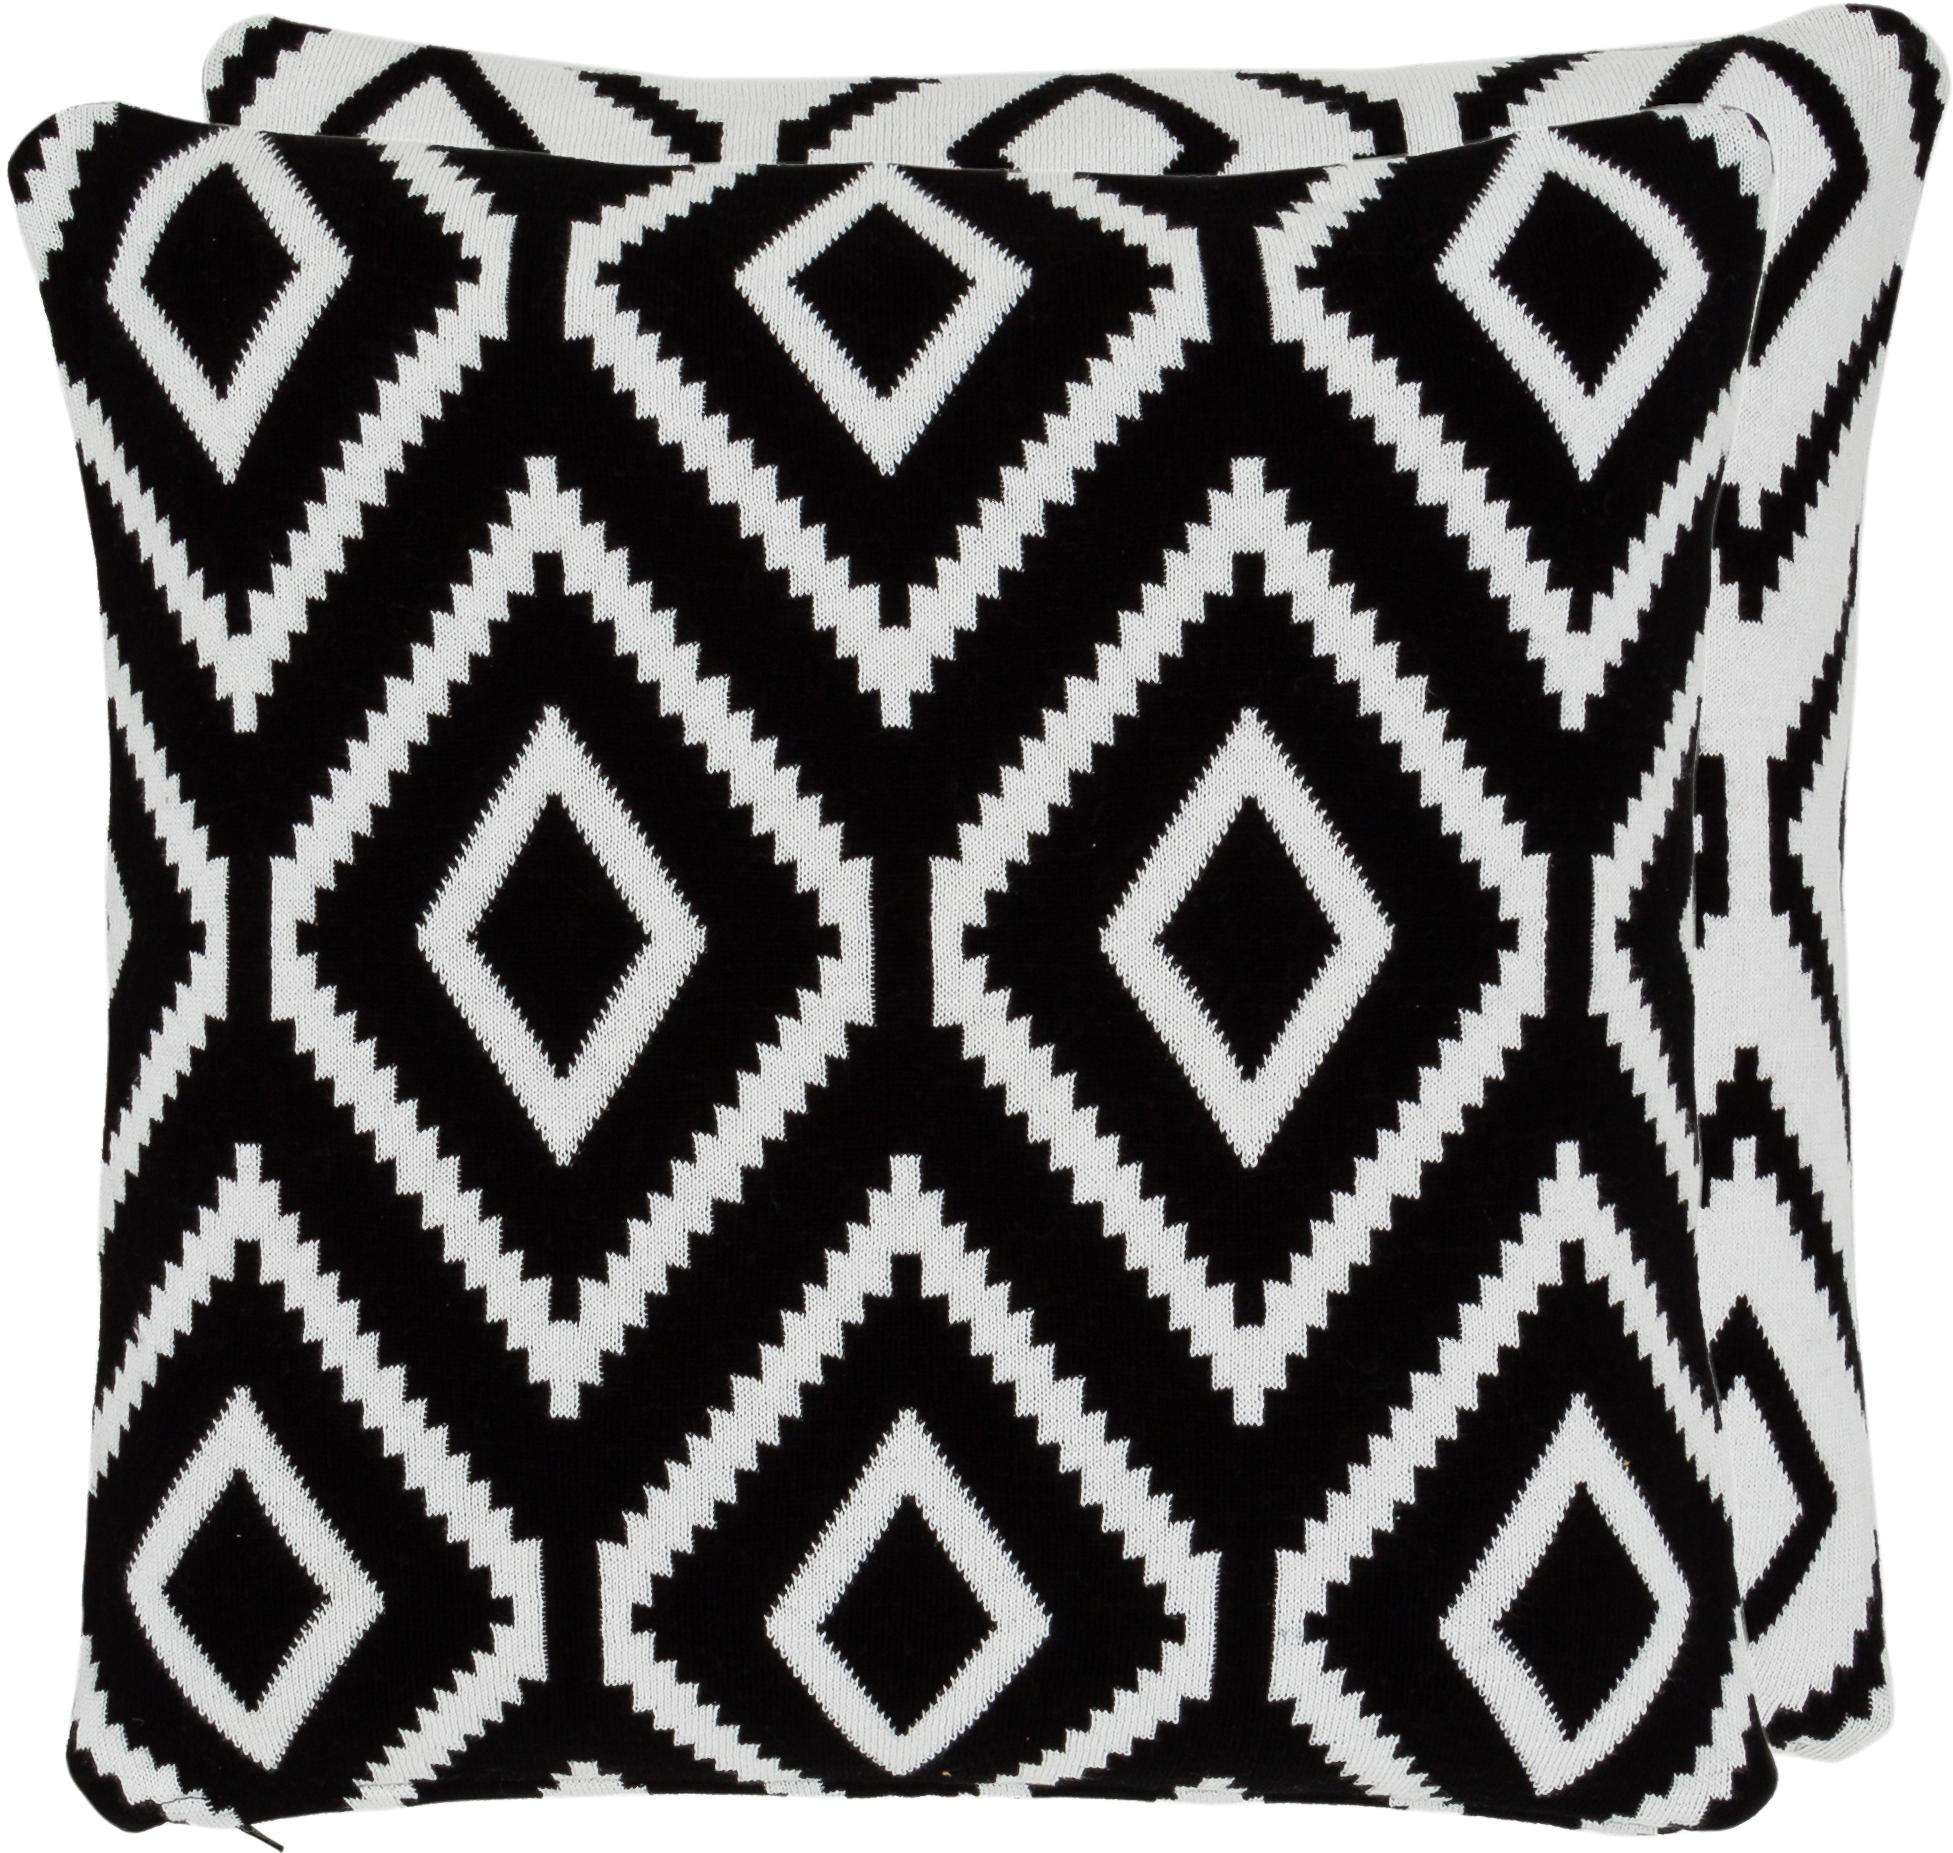 Strick-Wendekissenhülle Chuck mit grafischem Muster in Schwarz/Weiss, 100% Baumwolle, Schwarz, Cremeweiss, 40 x 40 cm